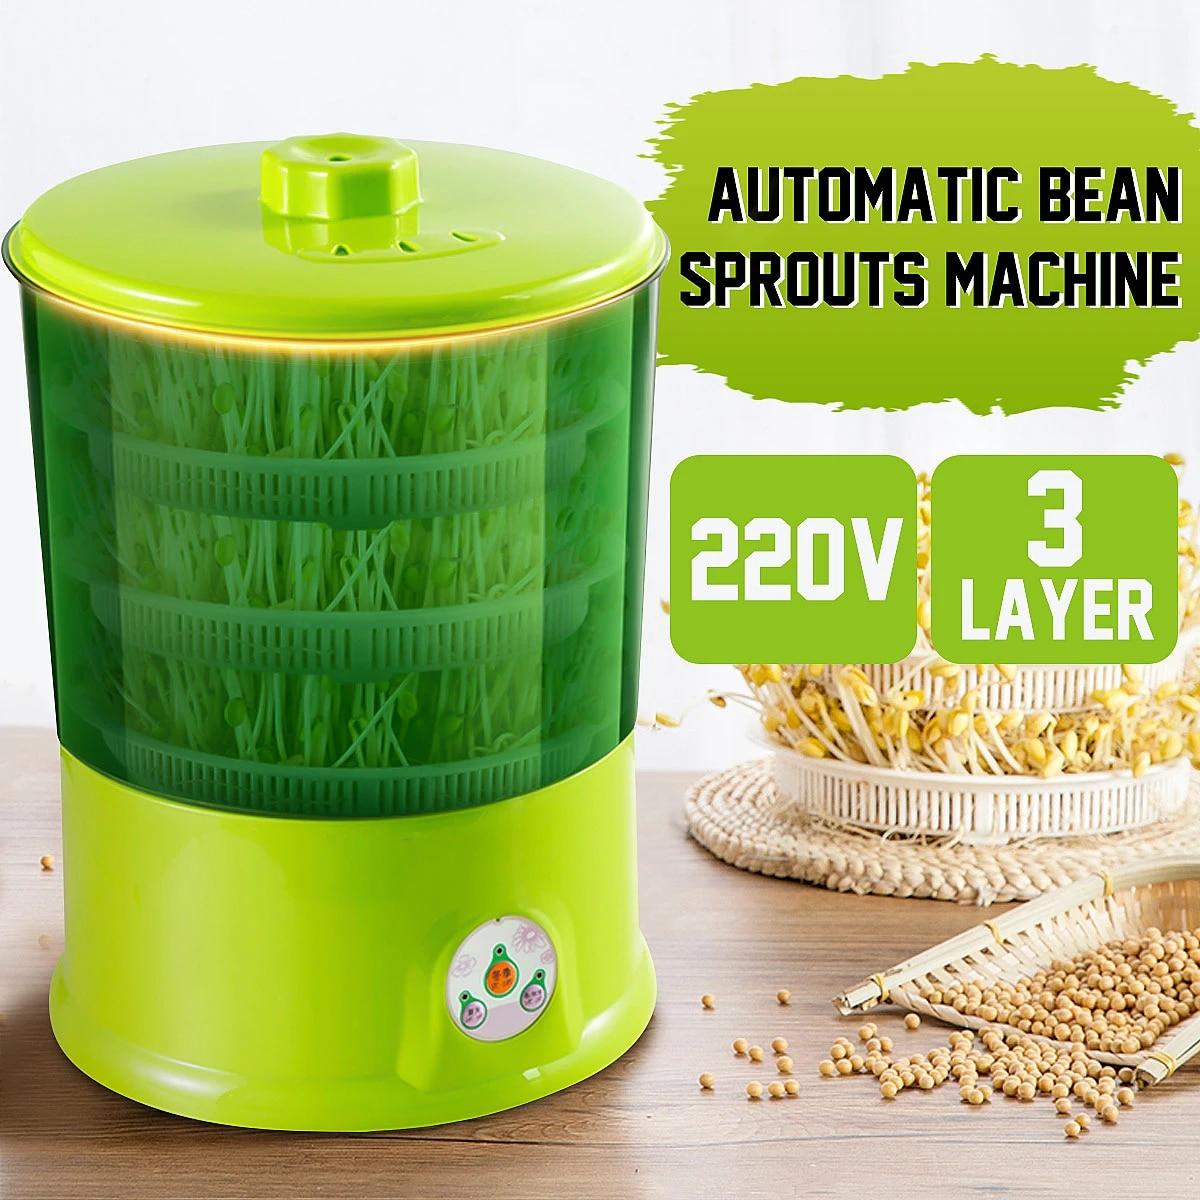 220 л, 2/3 в, машина для выращивания фасоли, автоматическая машина для выращивания фасоли, многофункциональная интеллектуальная машина для домашнего ростка с уровнями